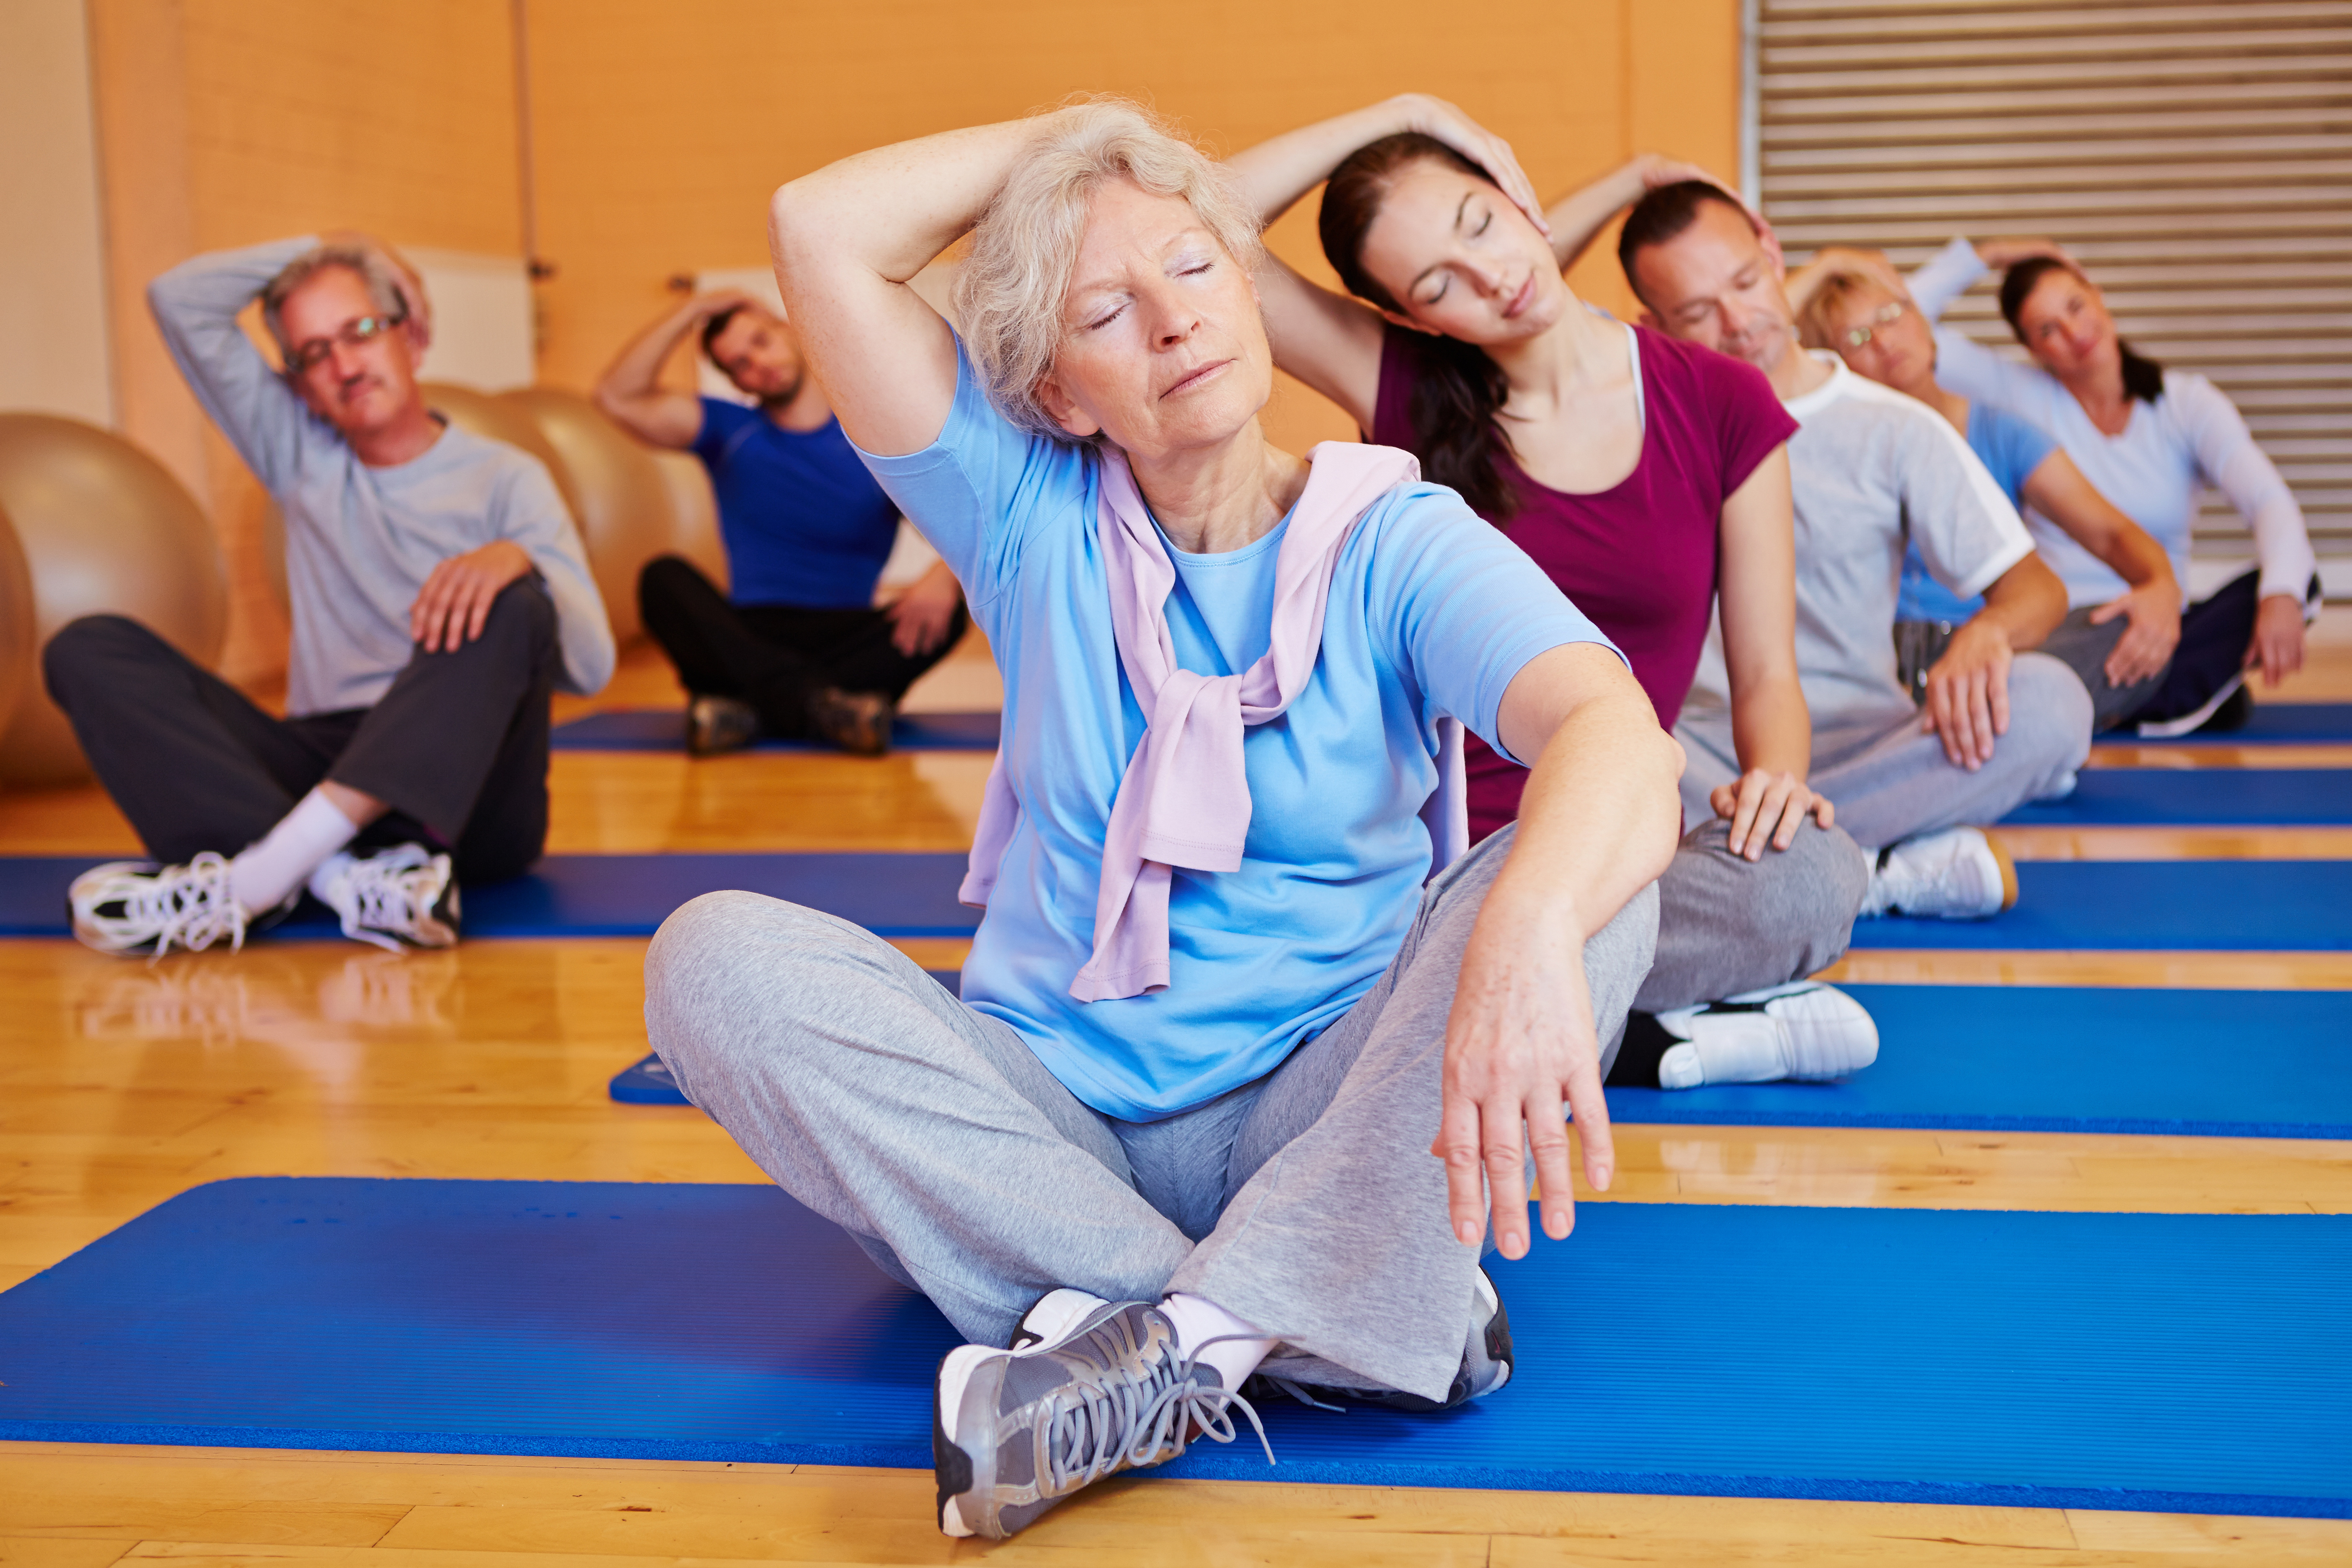 La simple pratique, régulière de l'exercice est très probablement la meilleure et la plus simple des préventions contre le déclin cognitif